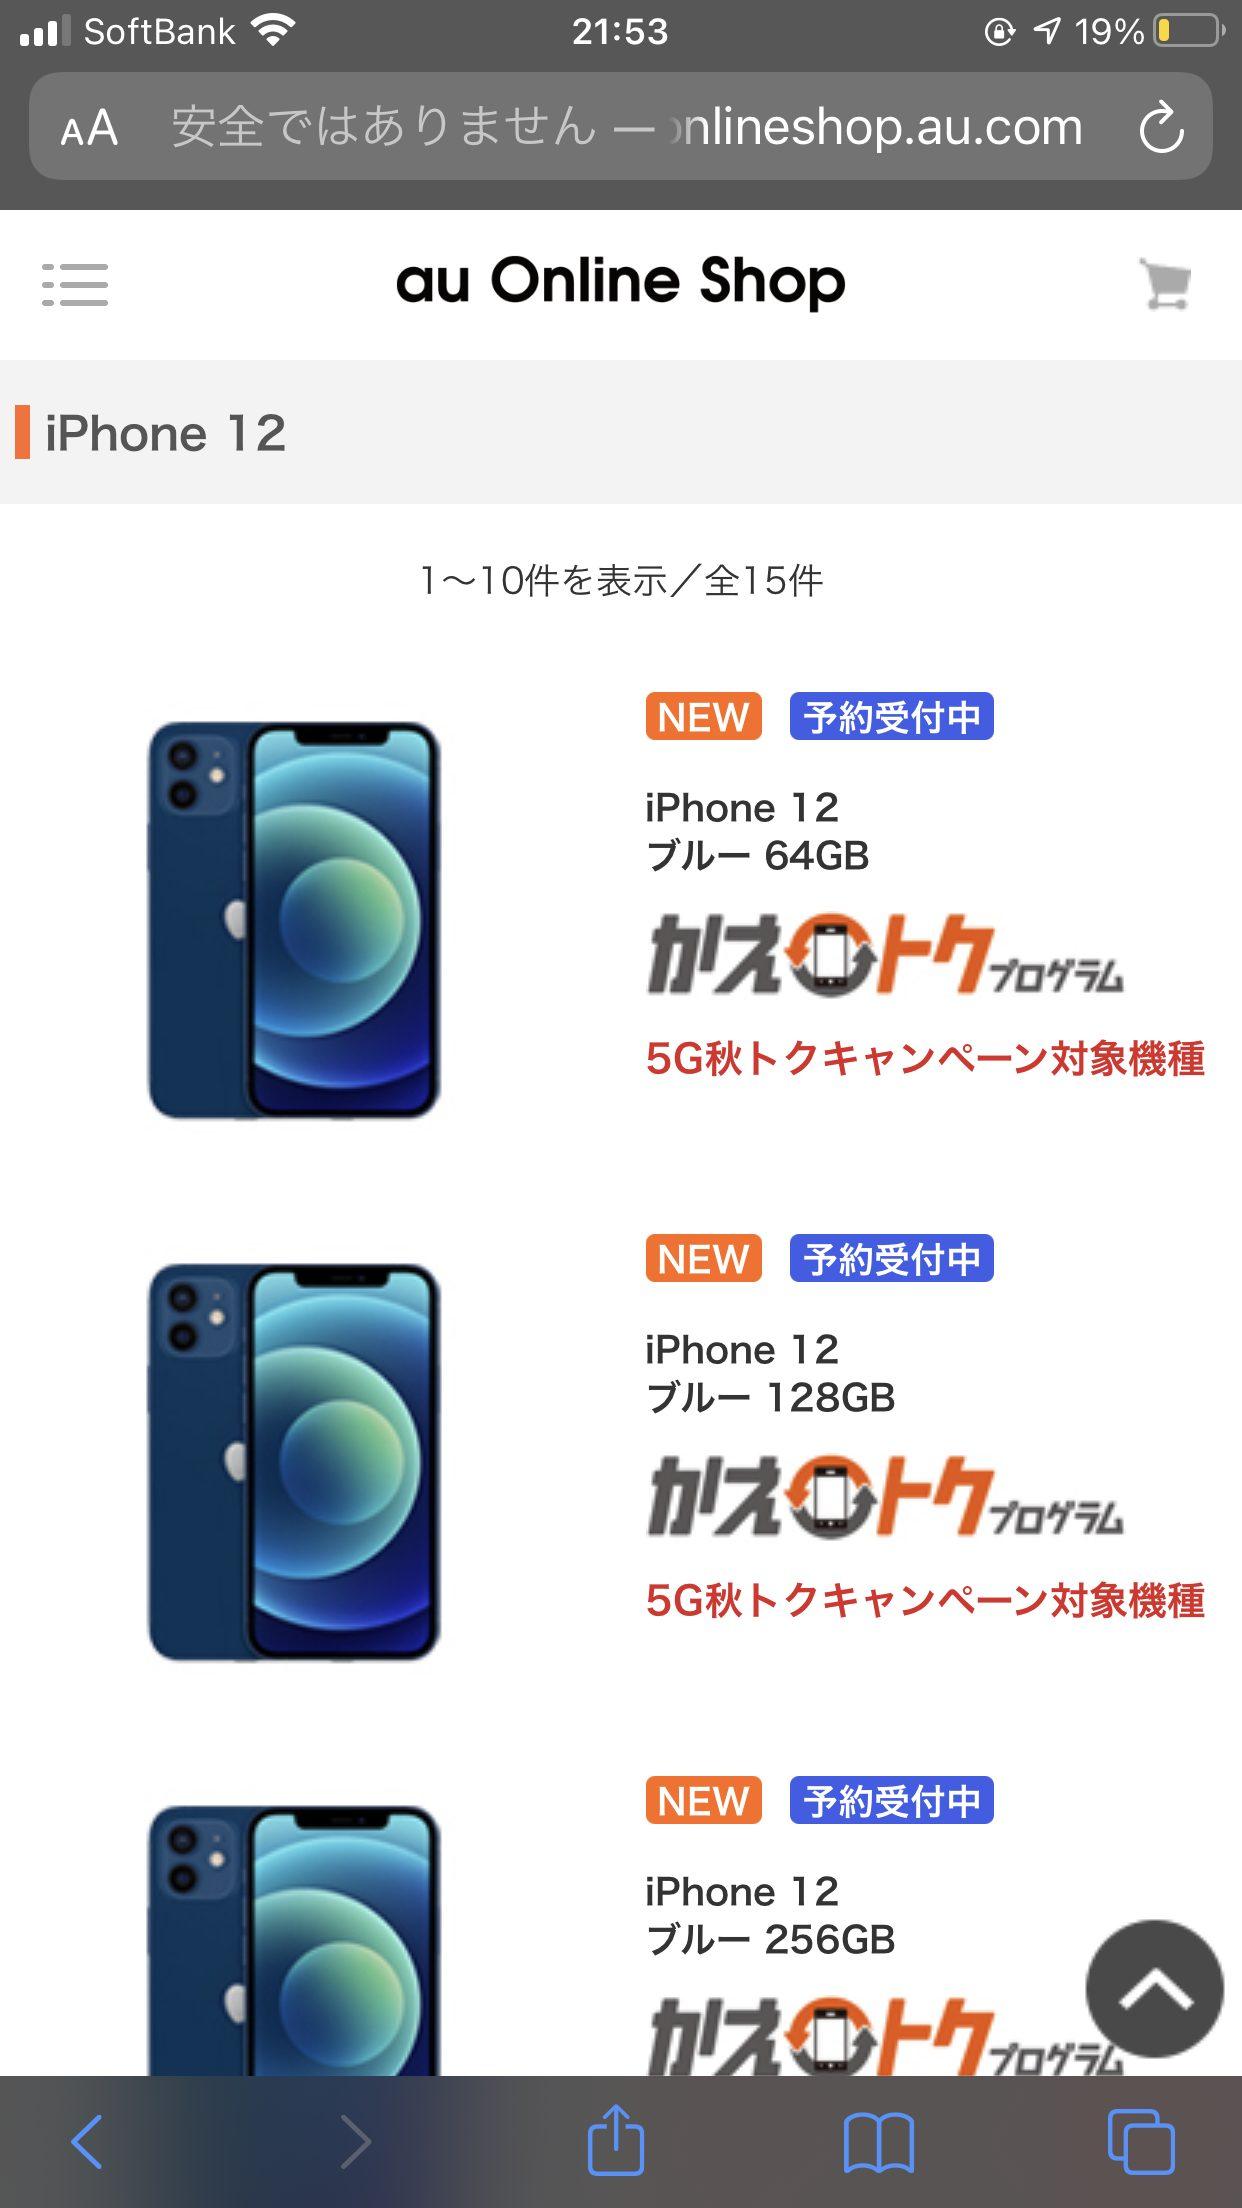 auオンラインショップでiPhone 12購入4